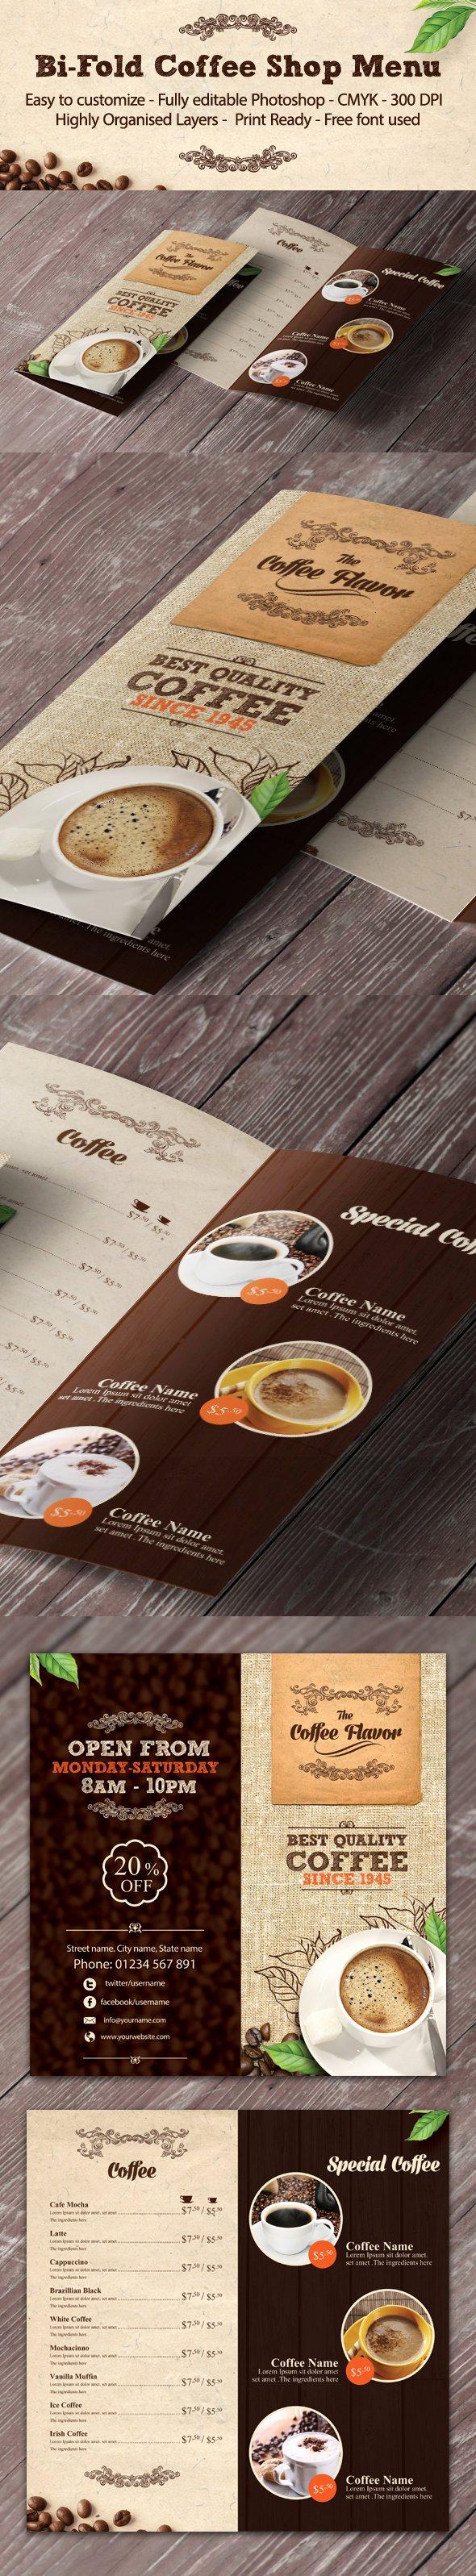 Coffee Shop Menu Template Unique Bi Fold Coffee Shop Menu Template On Behance